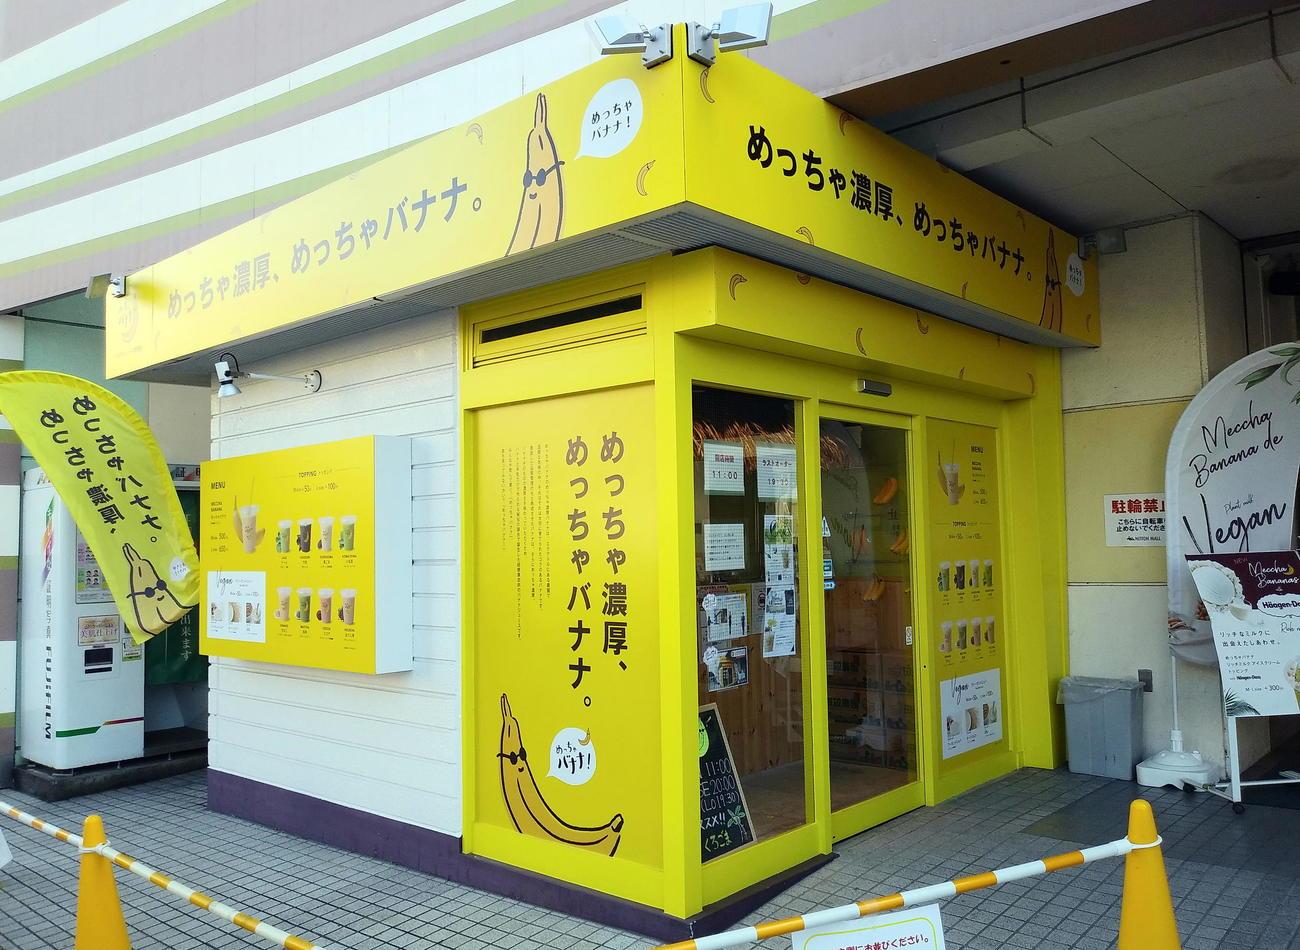 バナナジュース専門店「めっちゃバナナ」熊谷店の店舗(撮影・鎌田直秀)